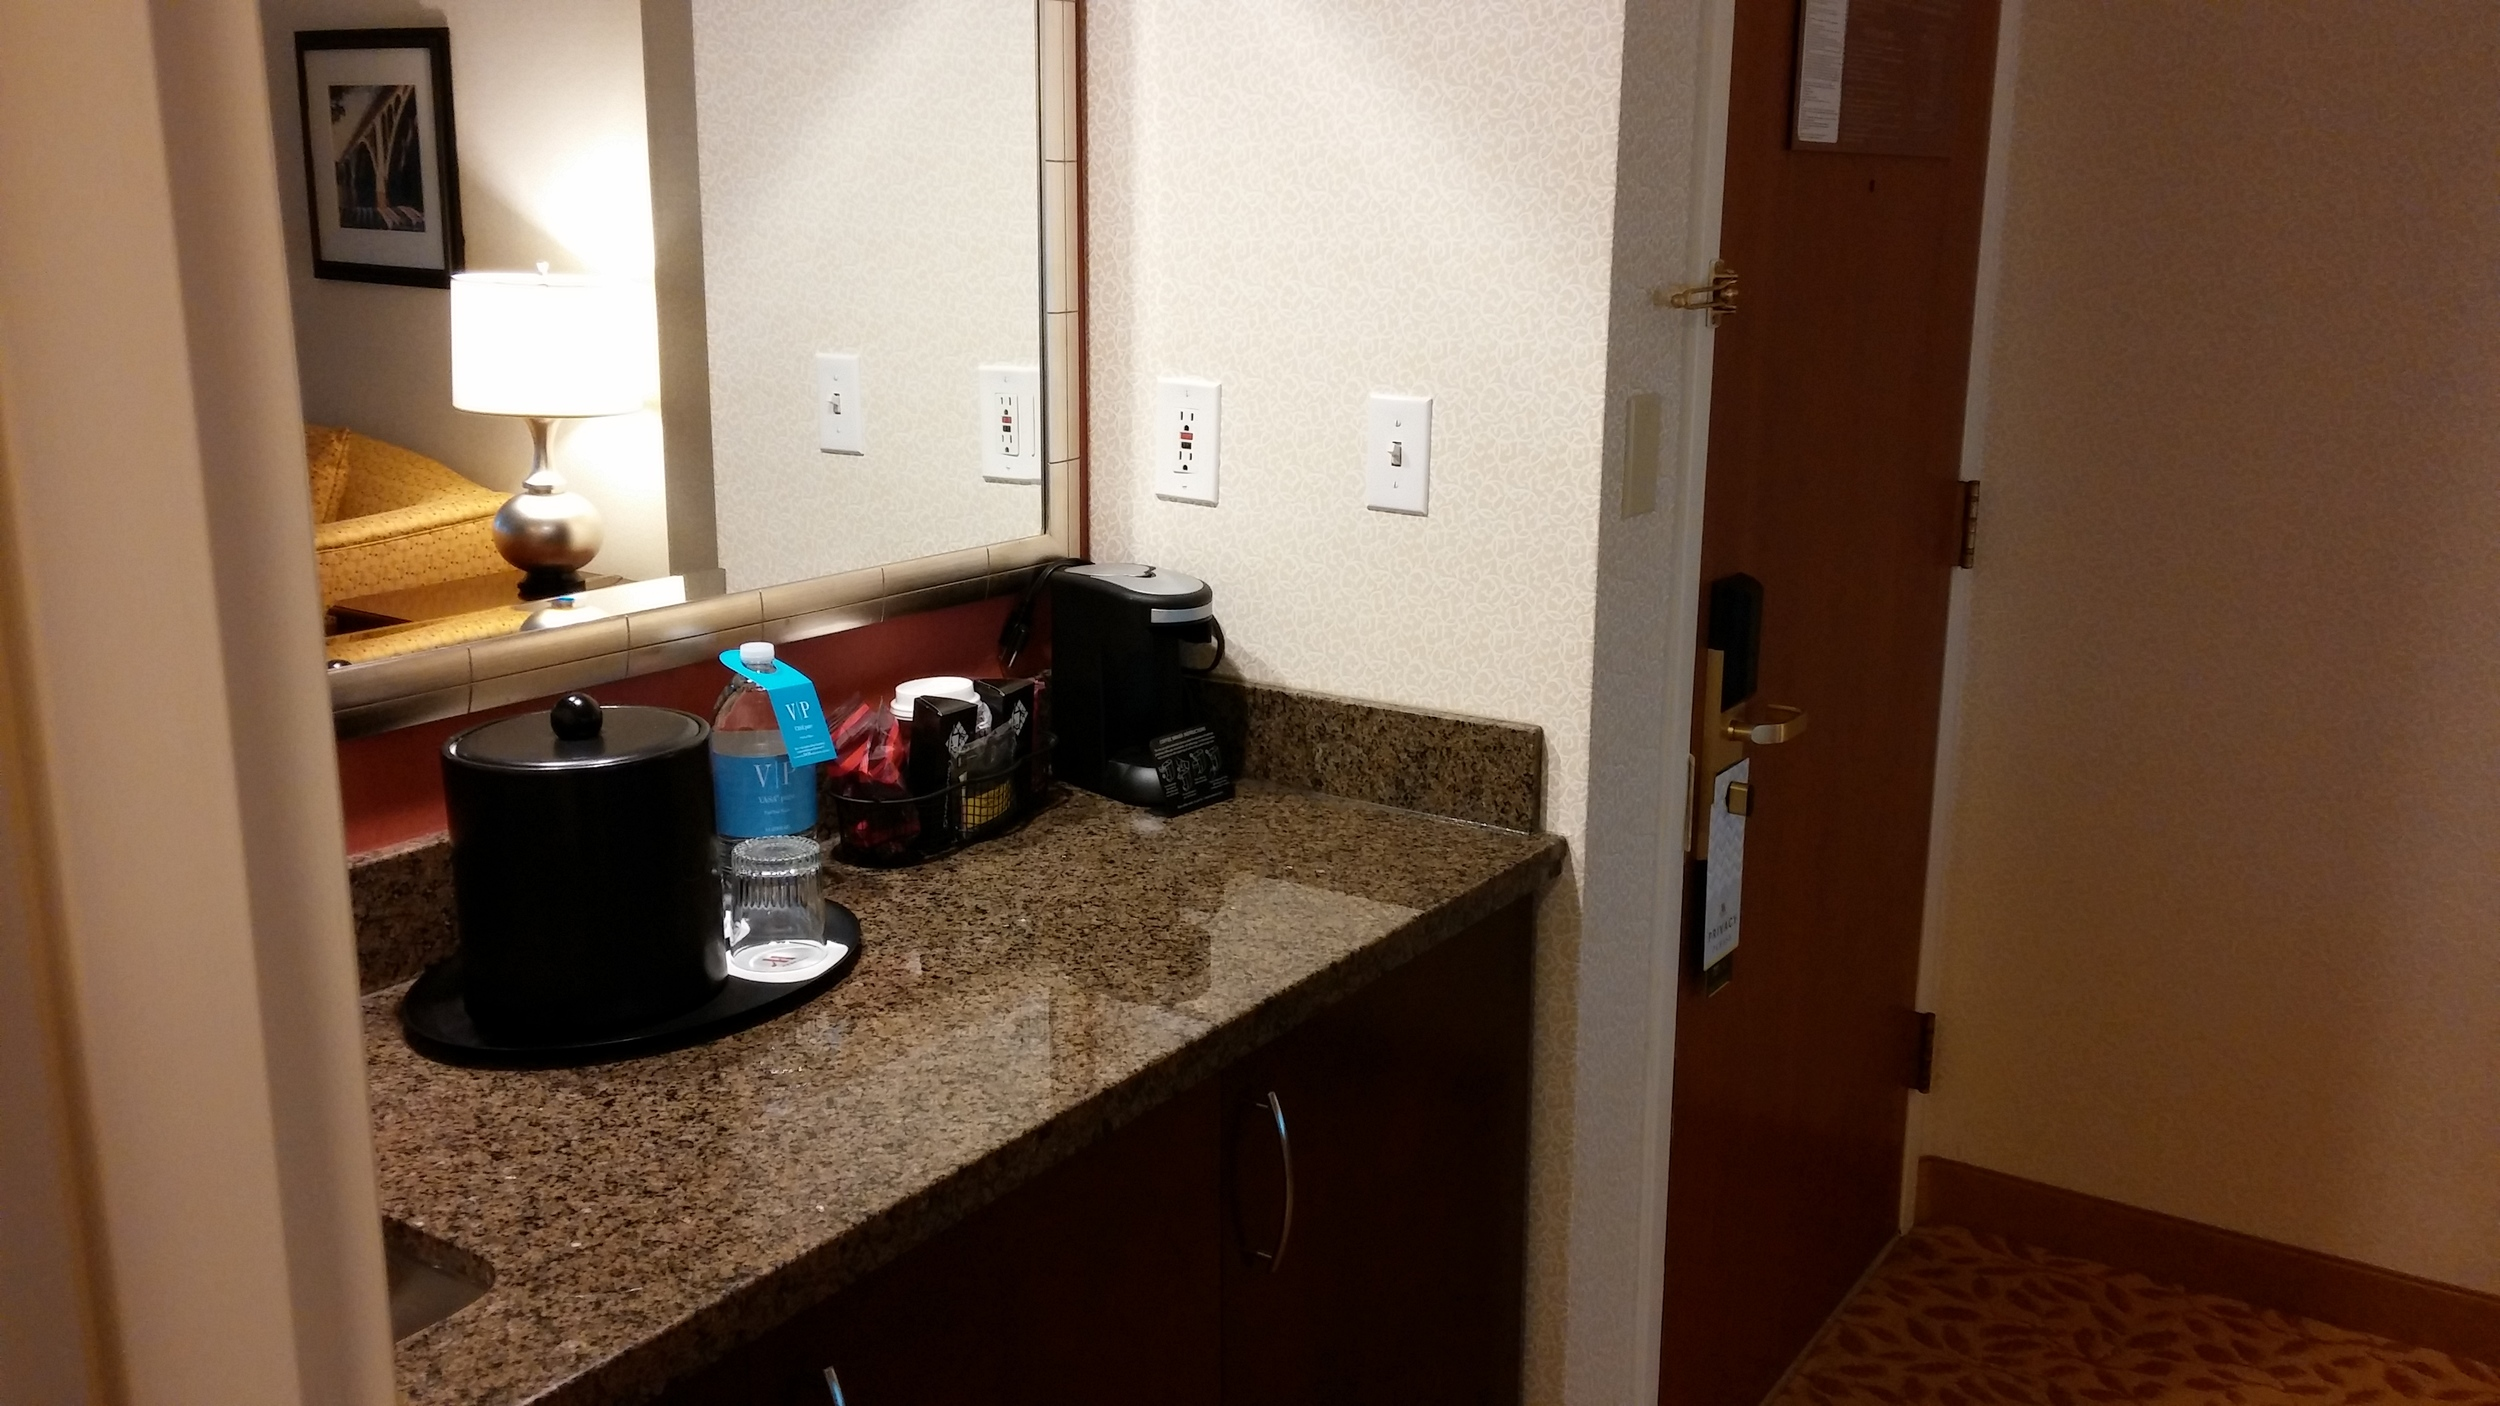 2016-03-10 Bethesda Marriott Suites  2.jpg